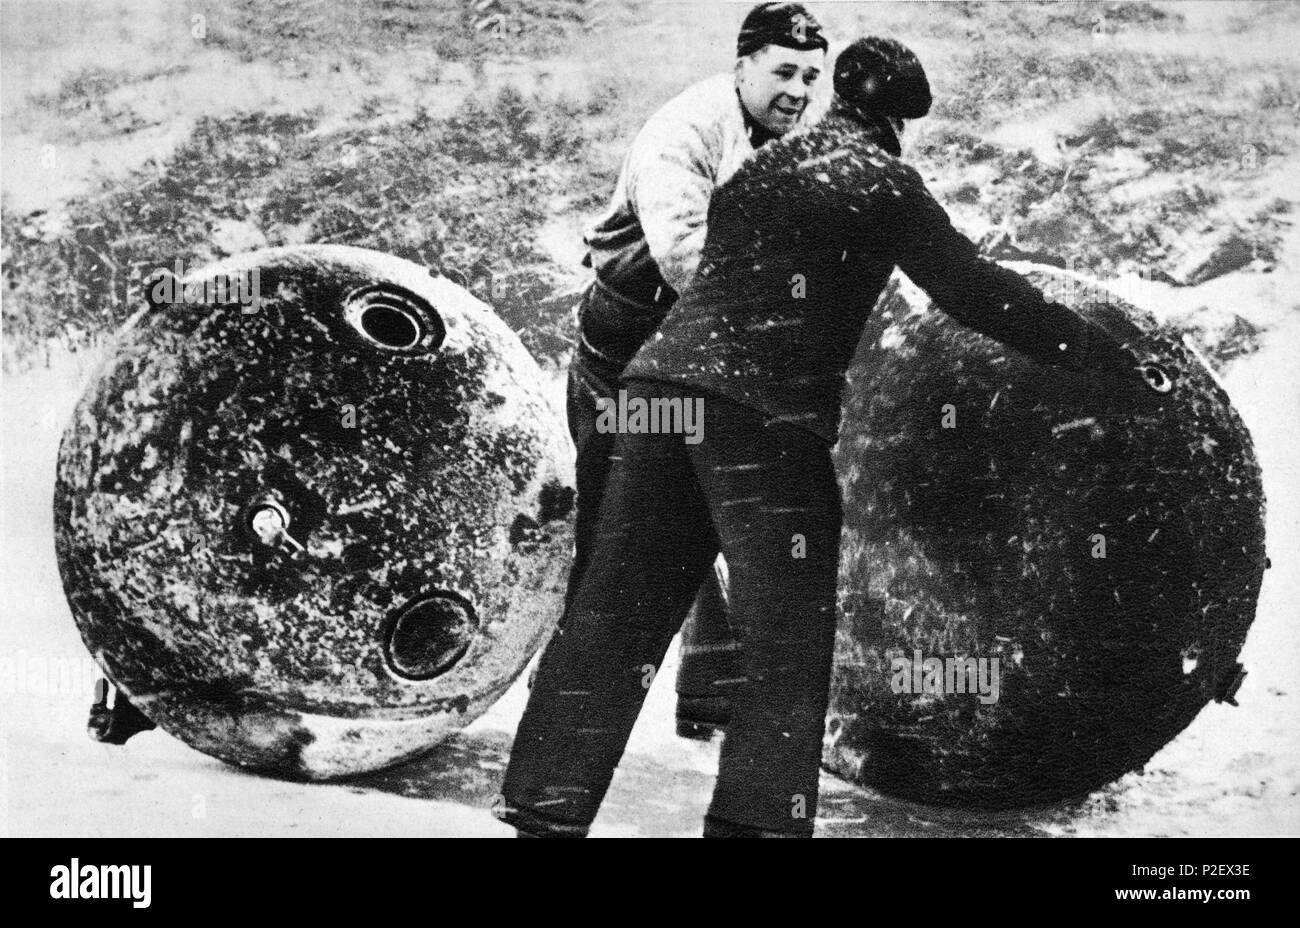 Dos hombres de la Marina de Guerra Alemana desactivando minas enemigas. - Stock Image